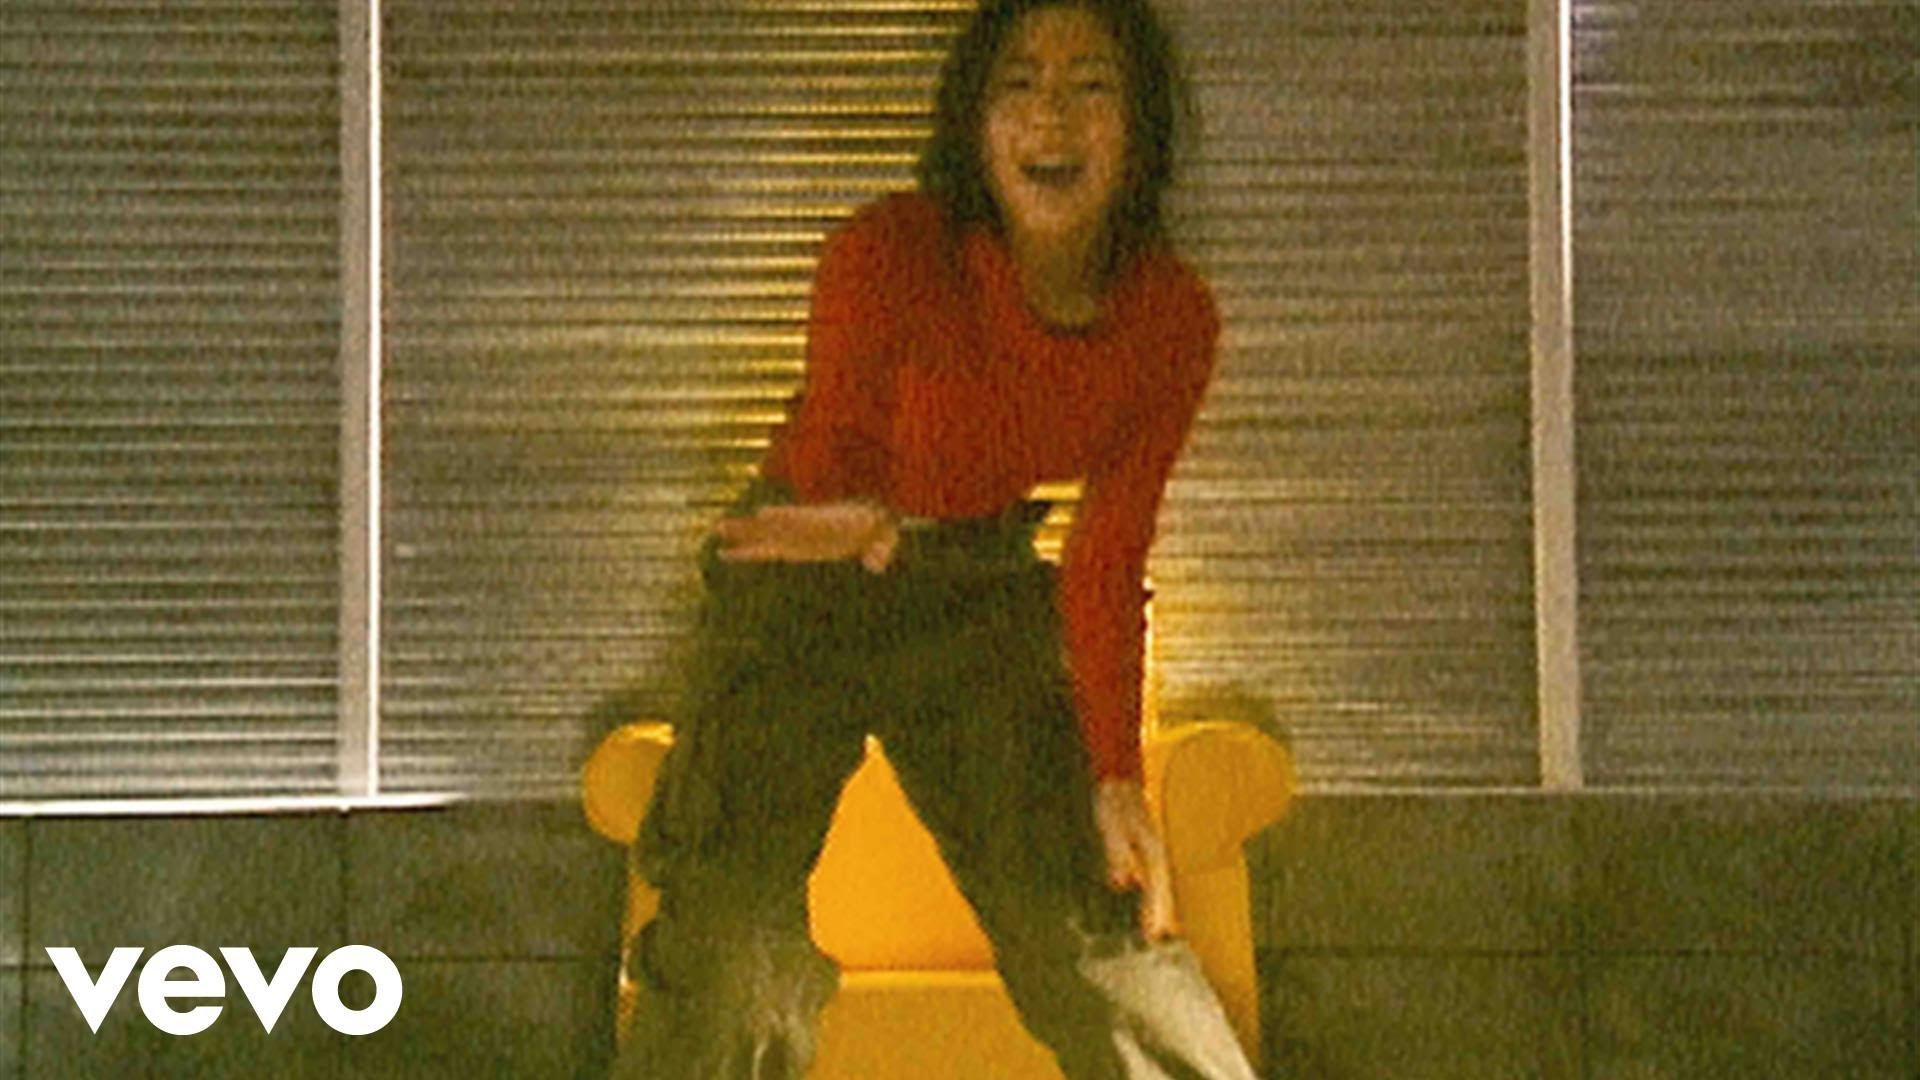 宇多田ヒカルの Automatic を初めて聞いた時の衝撃